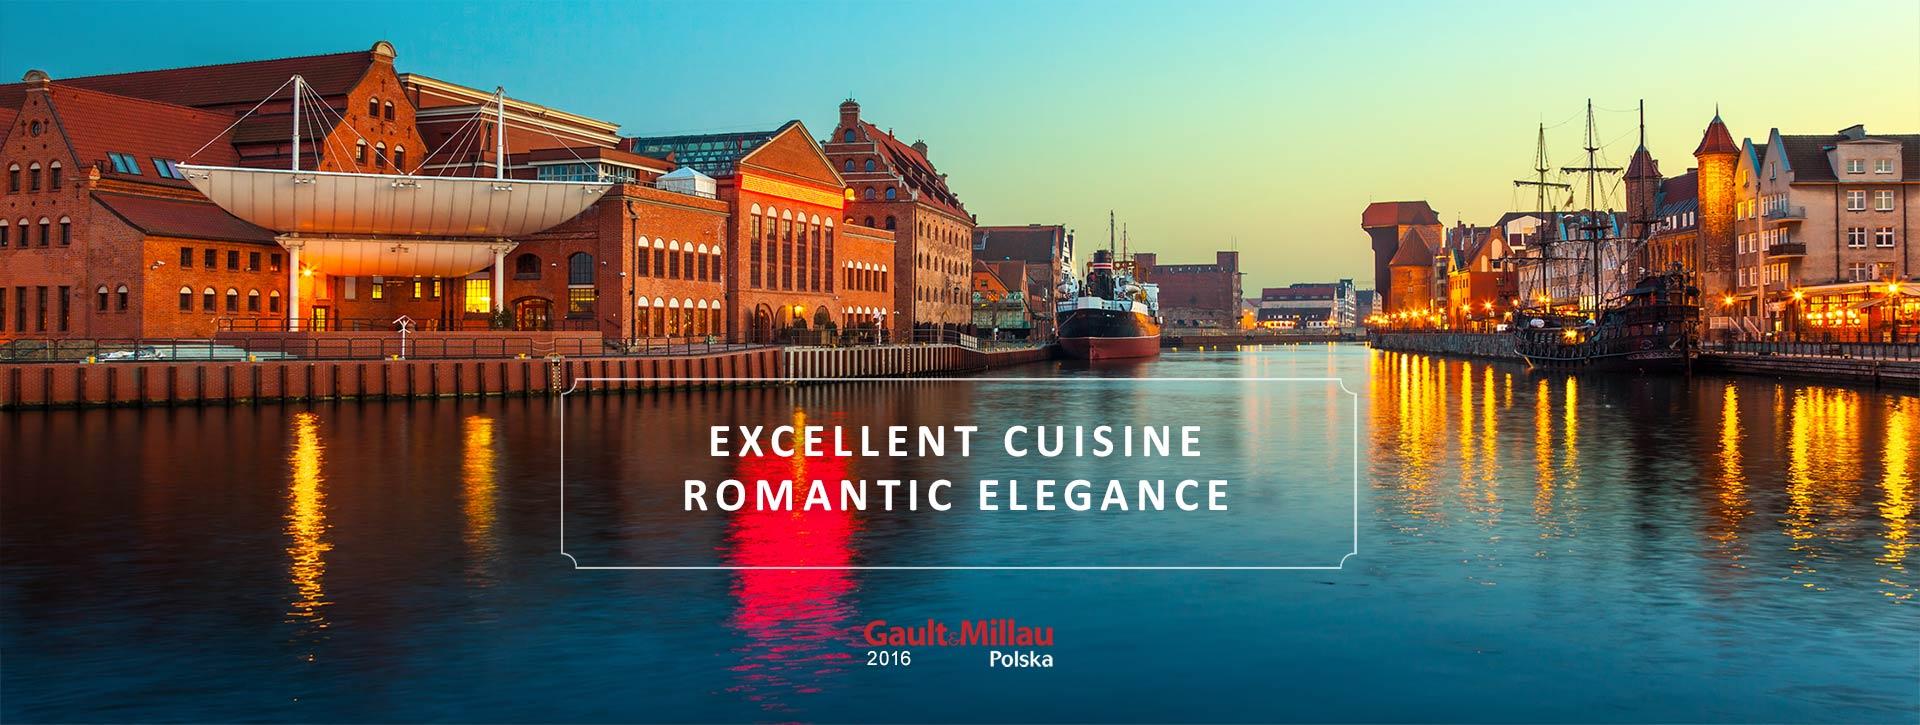 excellent-cuisine-romantic-elegance-1